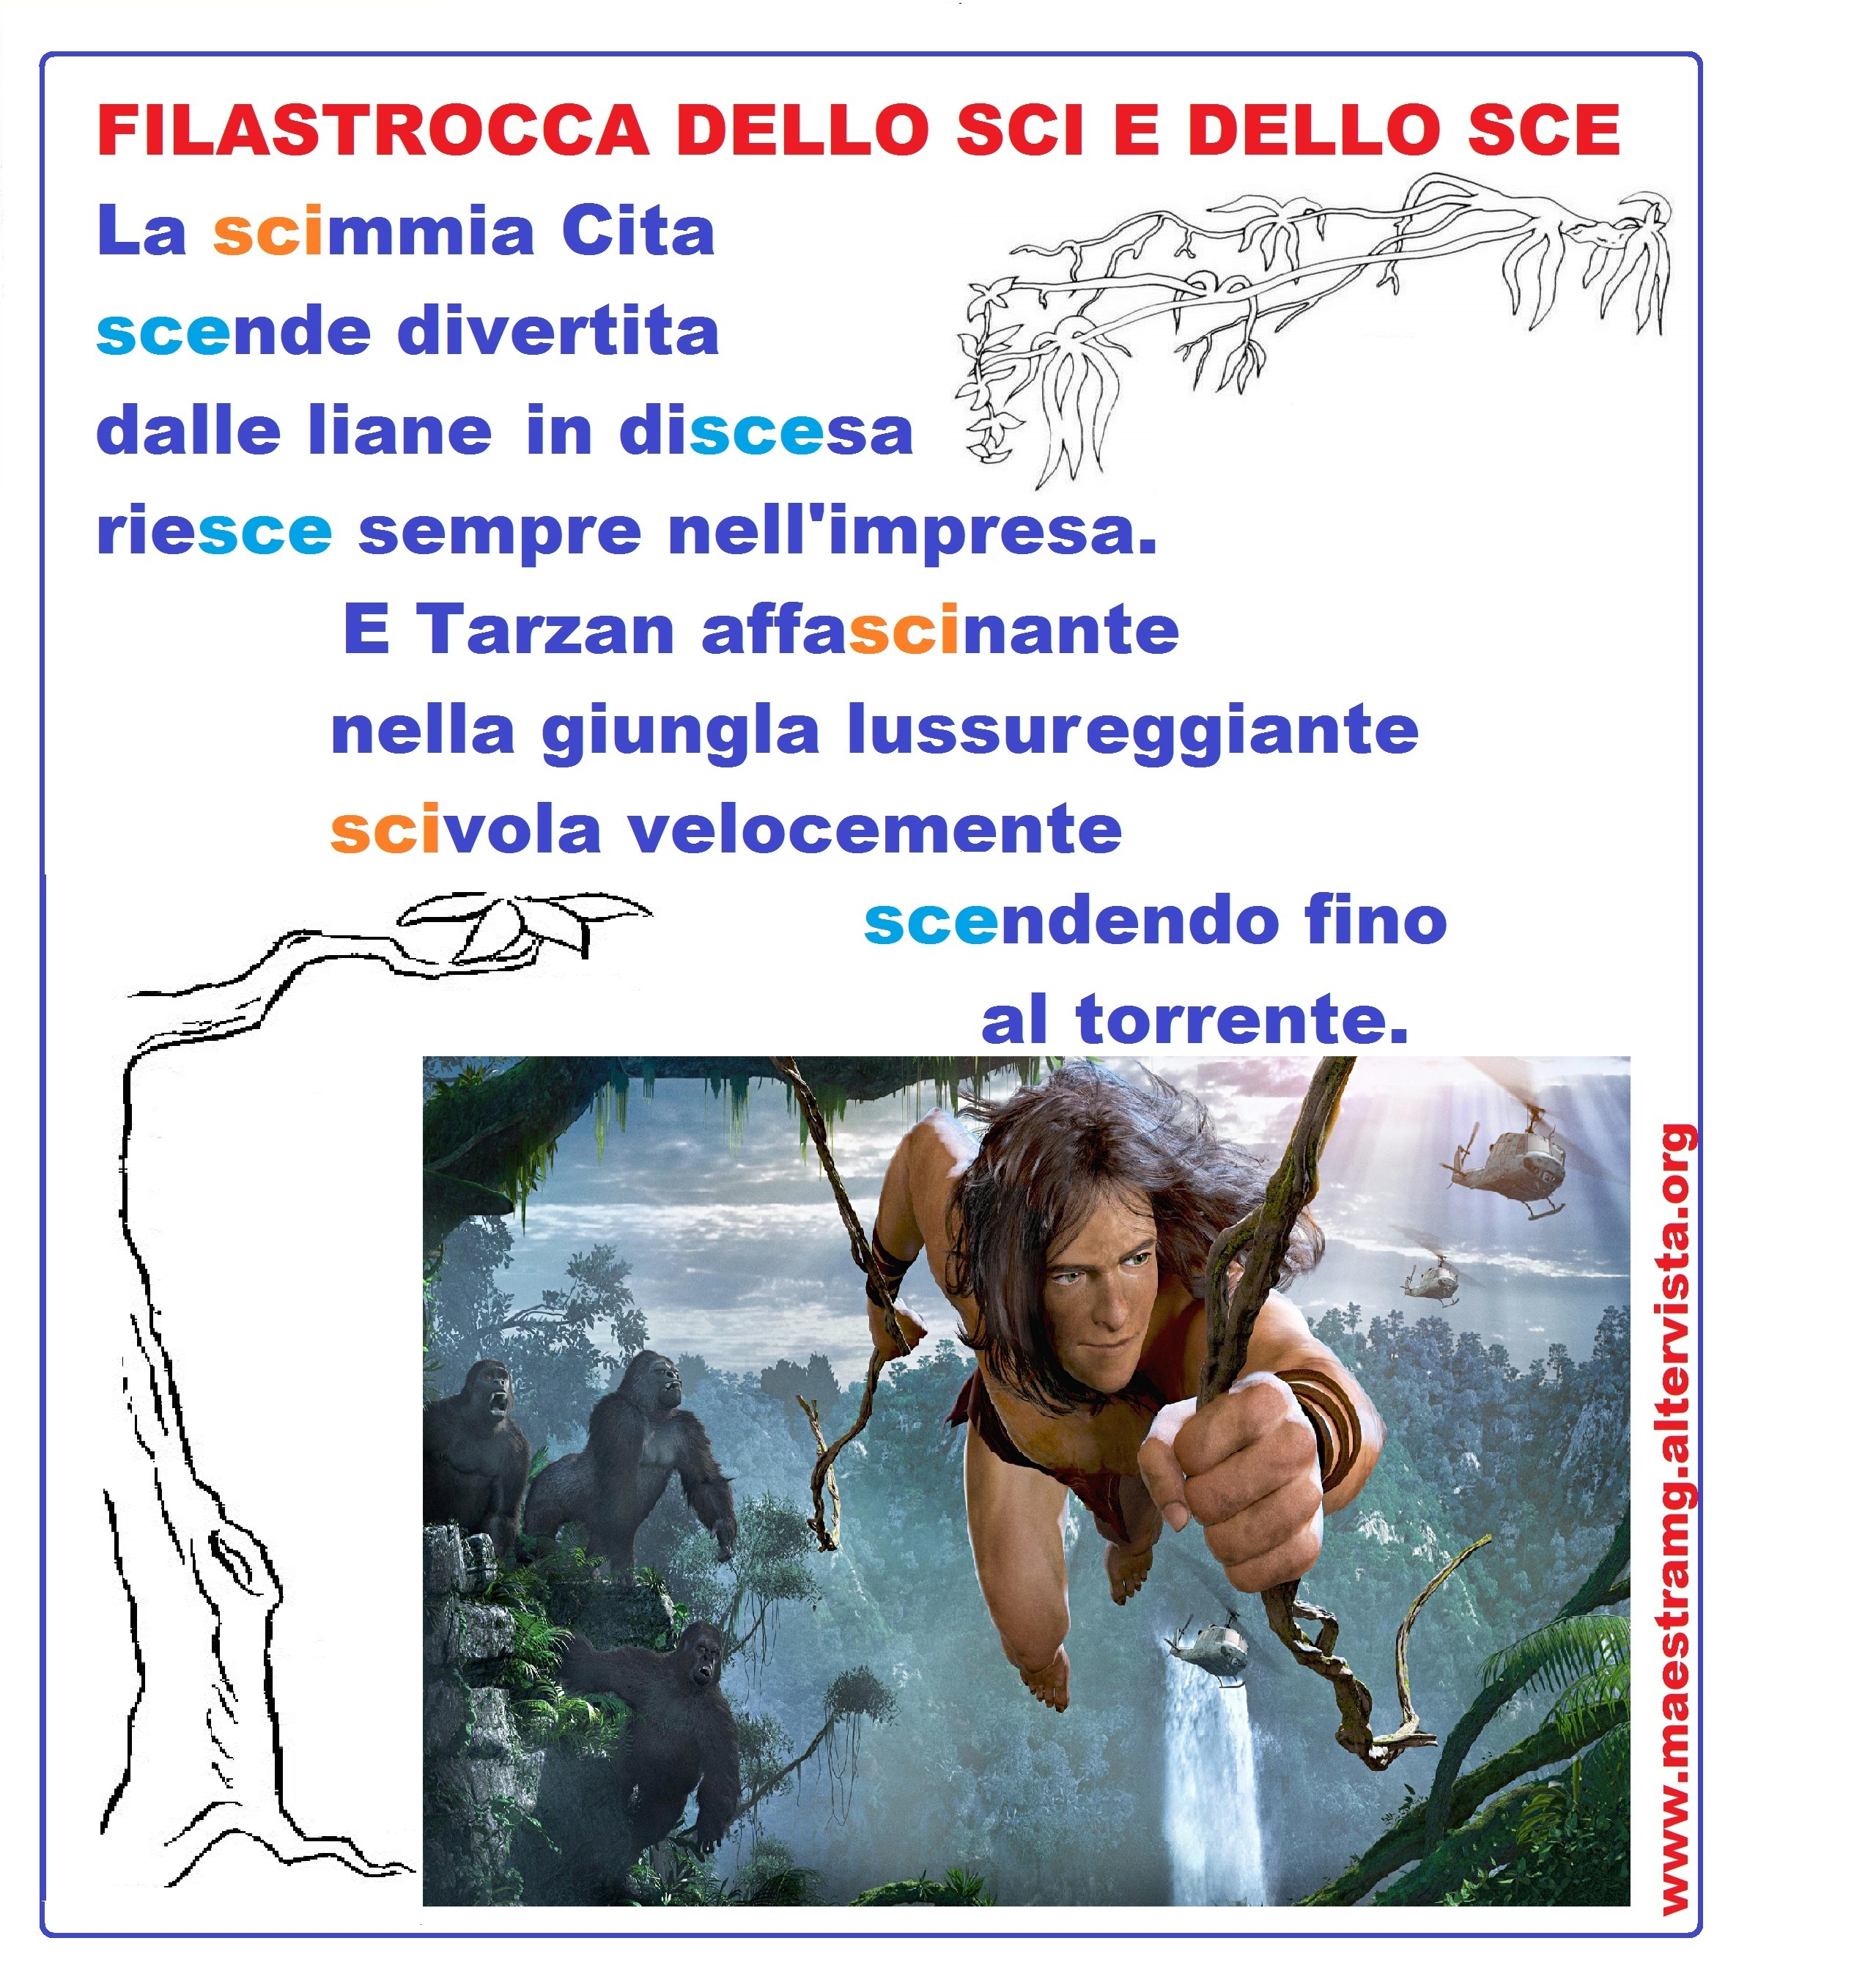 SCI SCE filastroc - Colori